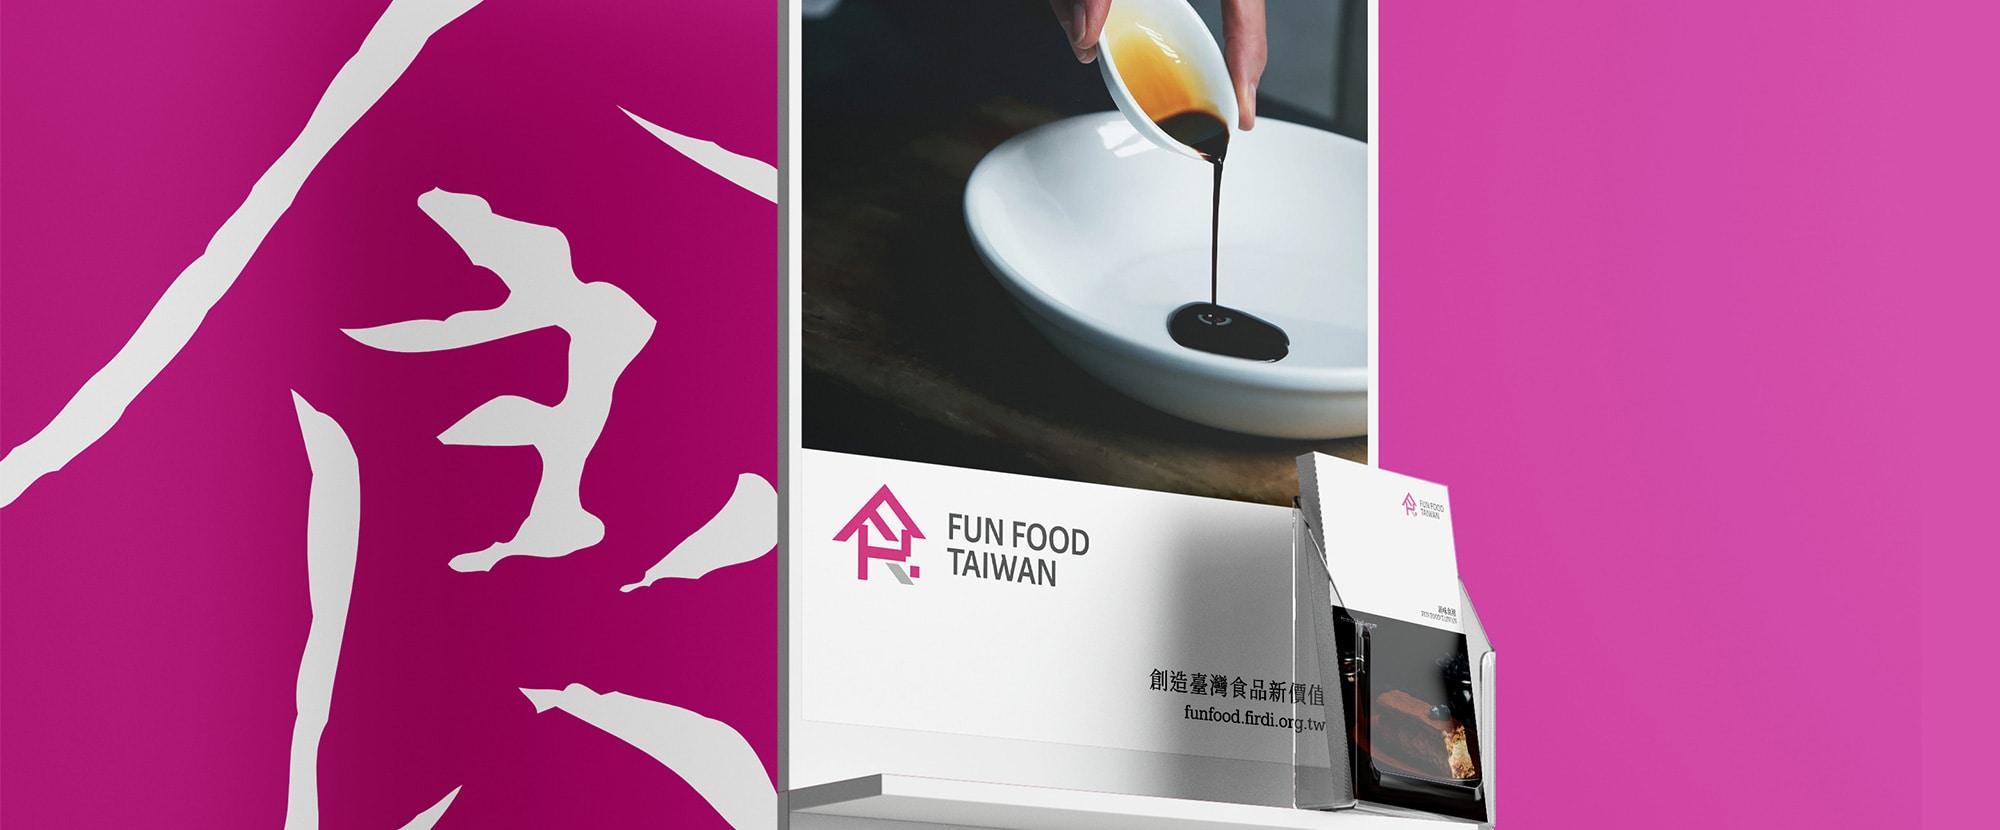 標章LOGO設計-食品展會